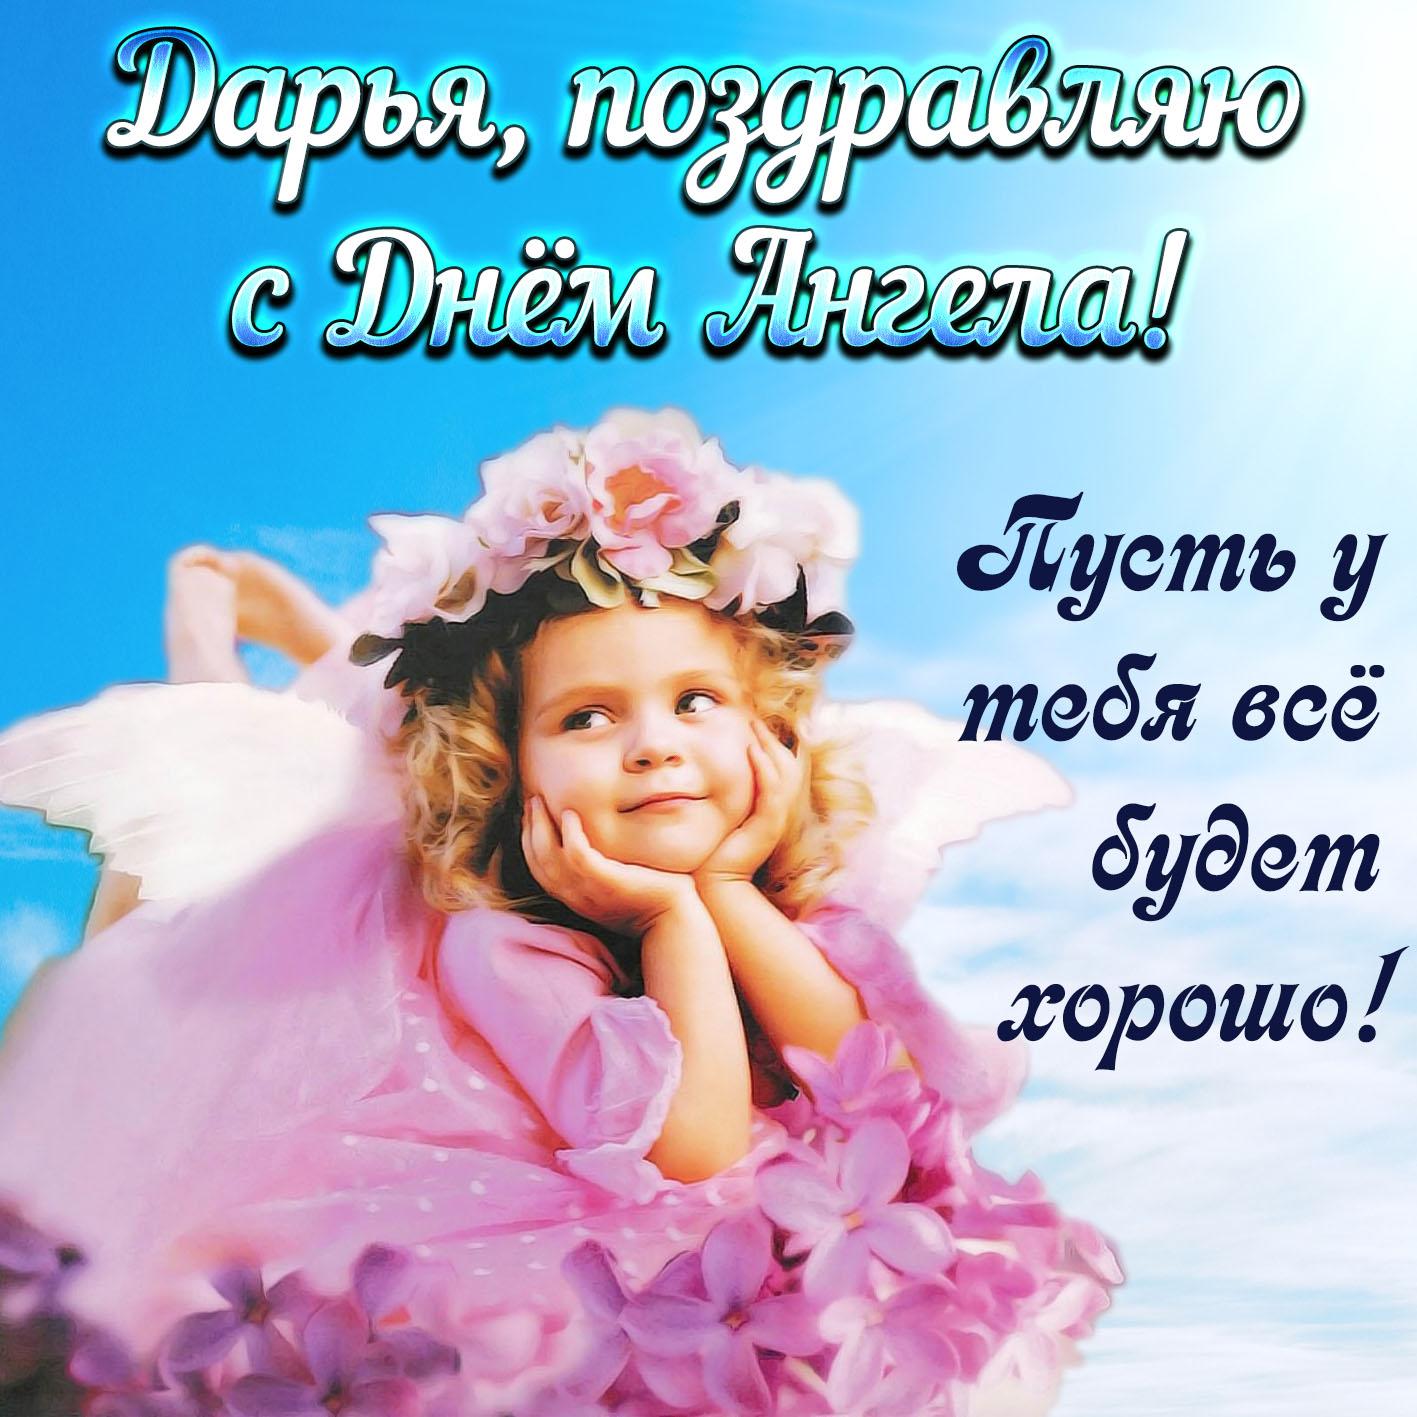 Поздравления ко дню ангела дарьи фото 961